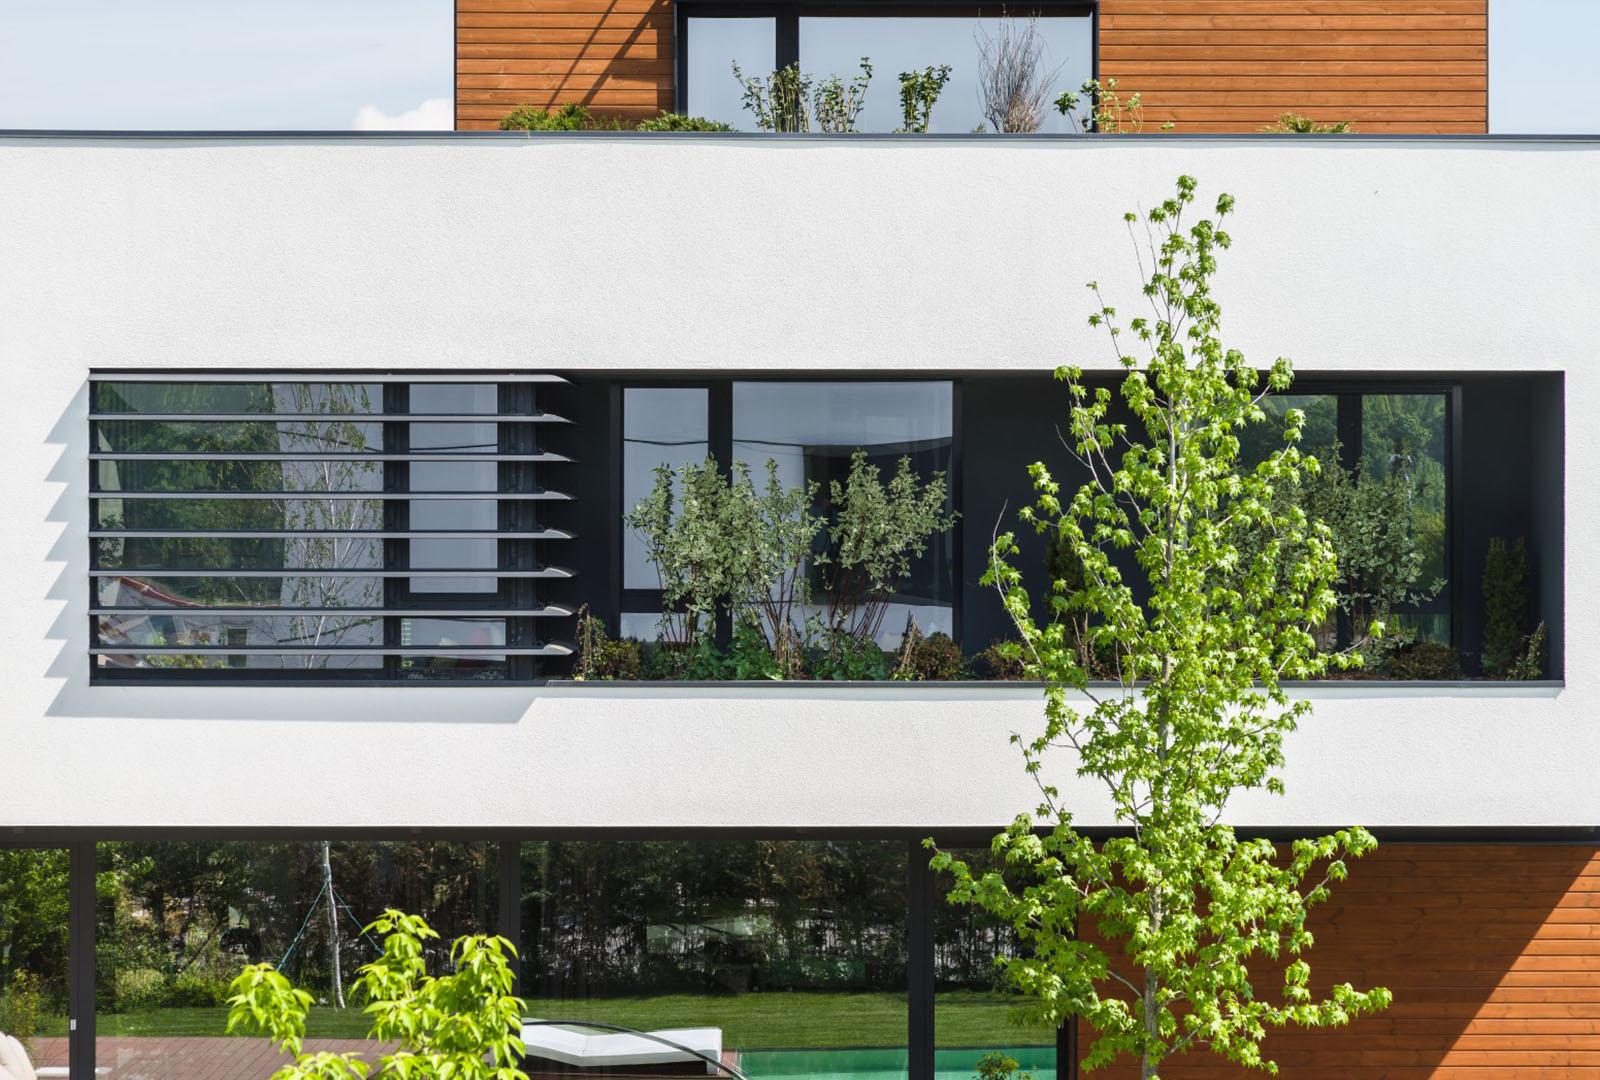 Proiect rezidential Amber Gardens